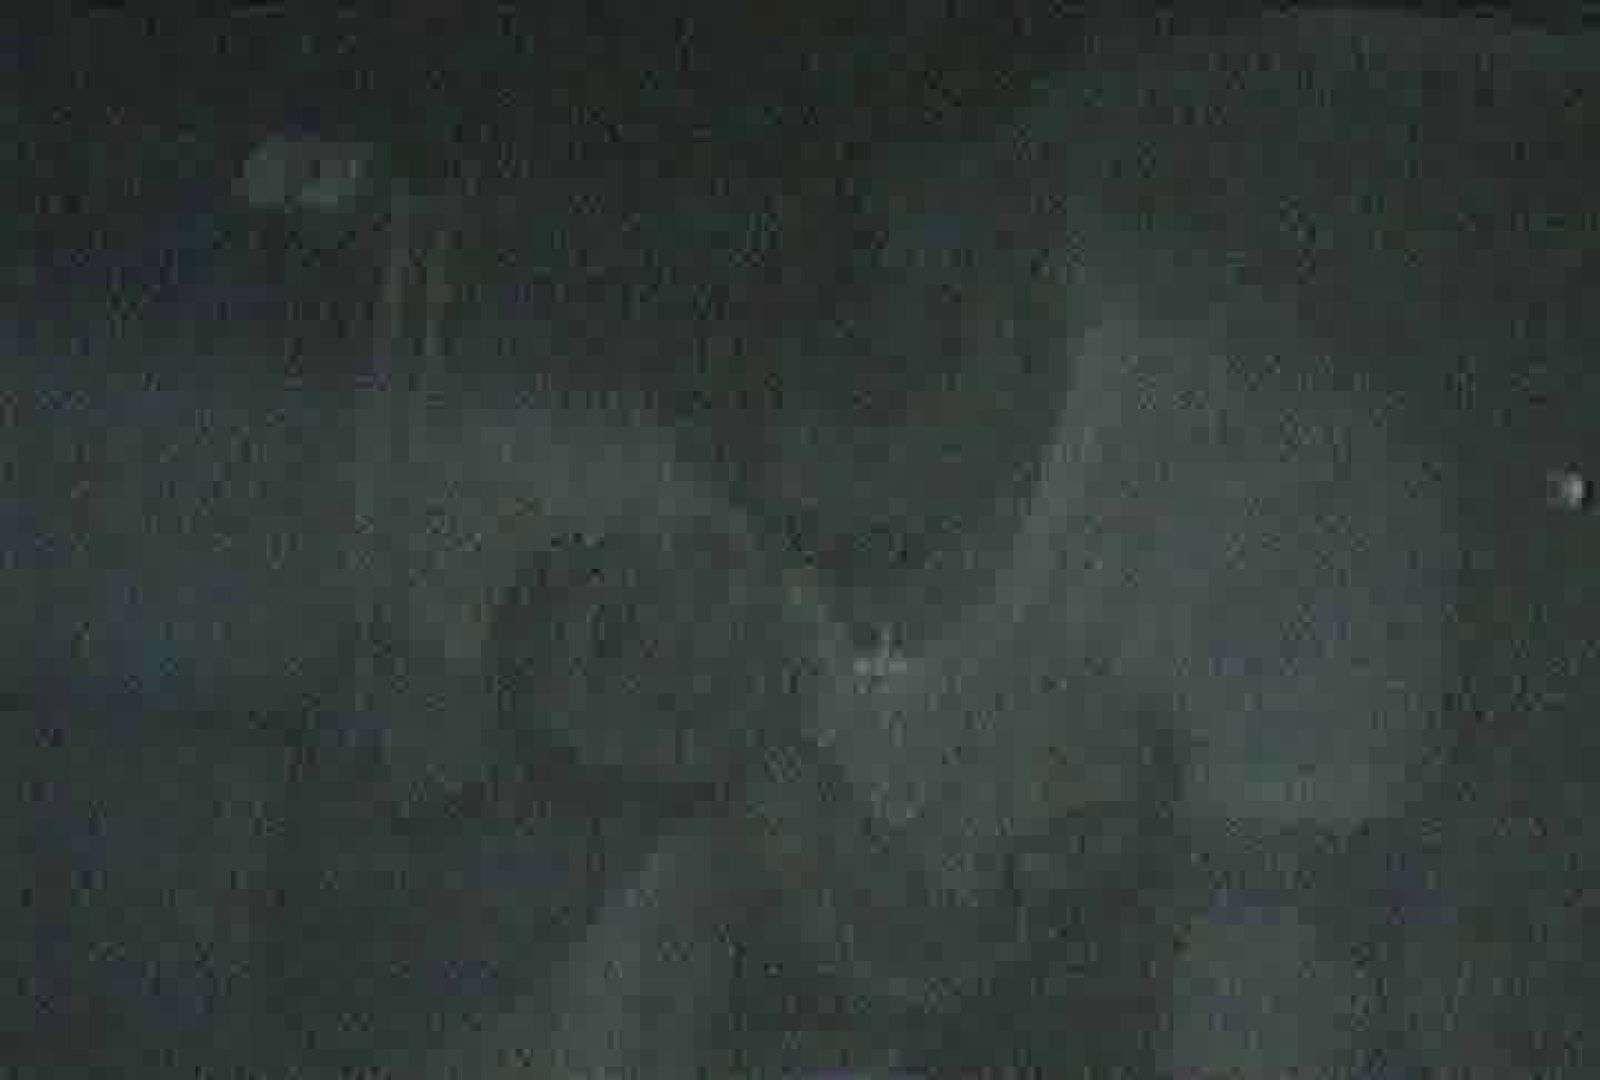 充血監督の深夜の運動会Vol.101 OLセックス 盗撮AV動画キャプチャ 81画像 29